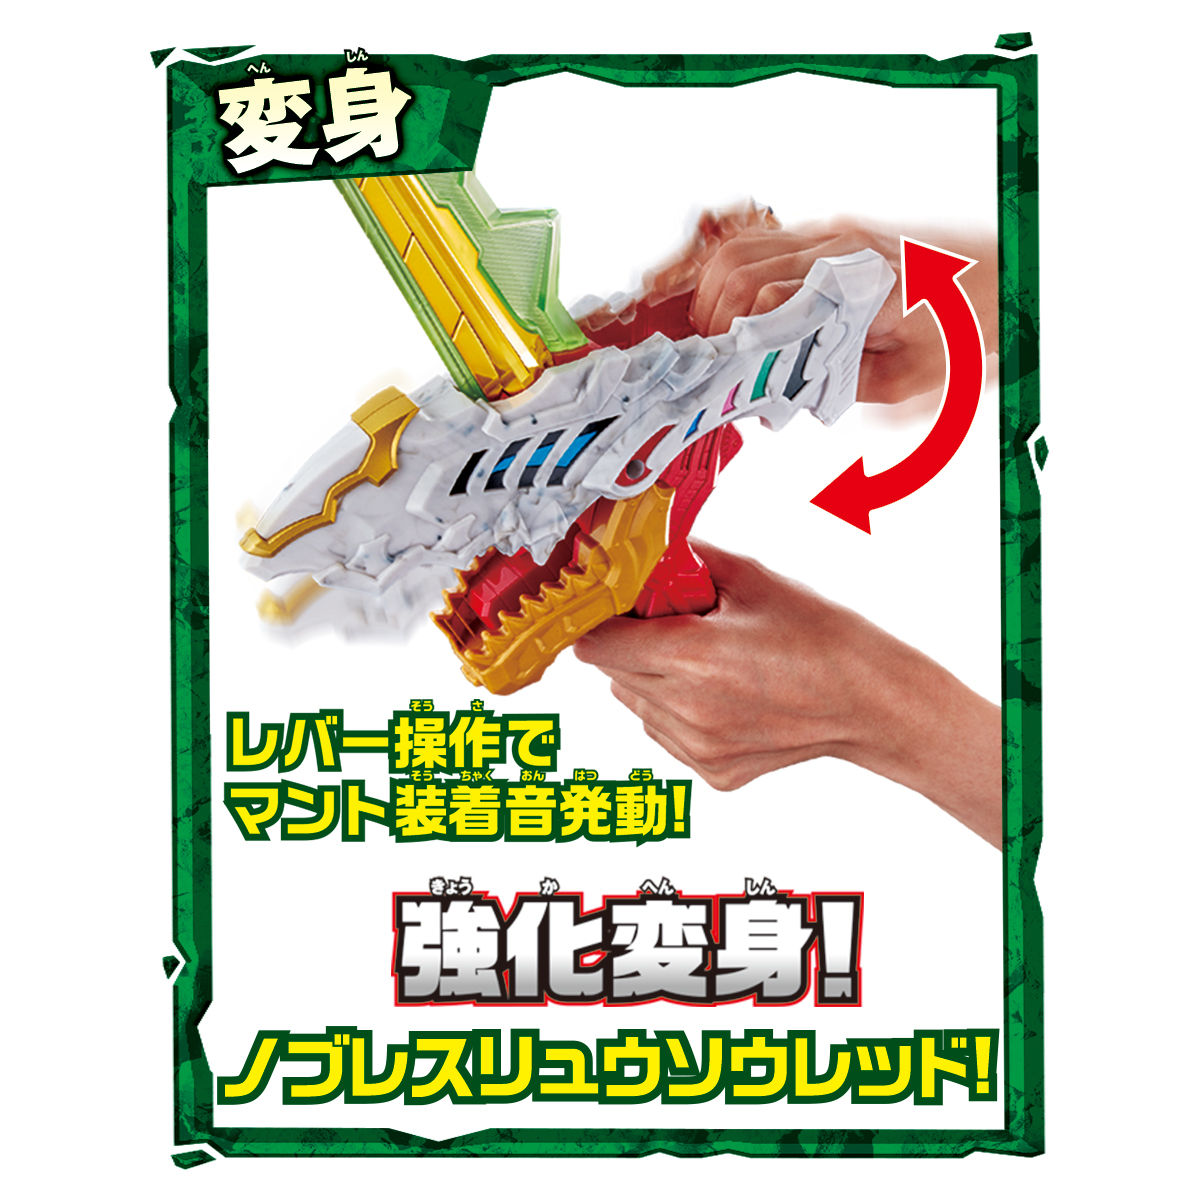 騎士竜戦隊リュウソウジャー『DXリュウソウカリバー』変身なりきり-005